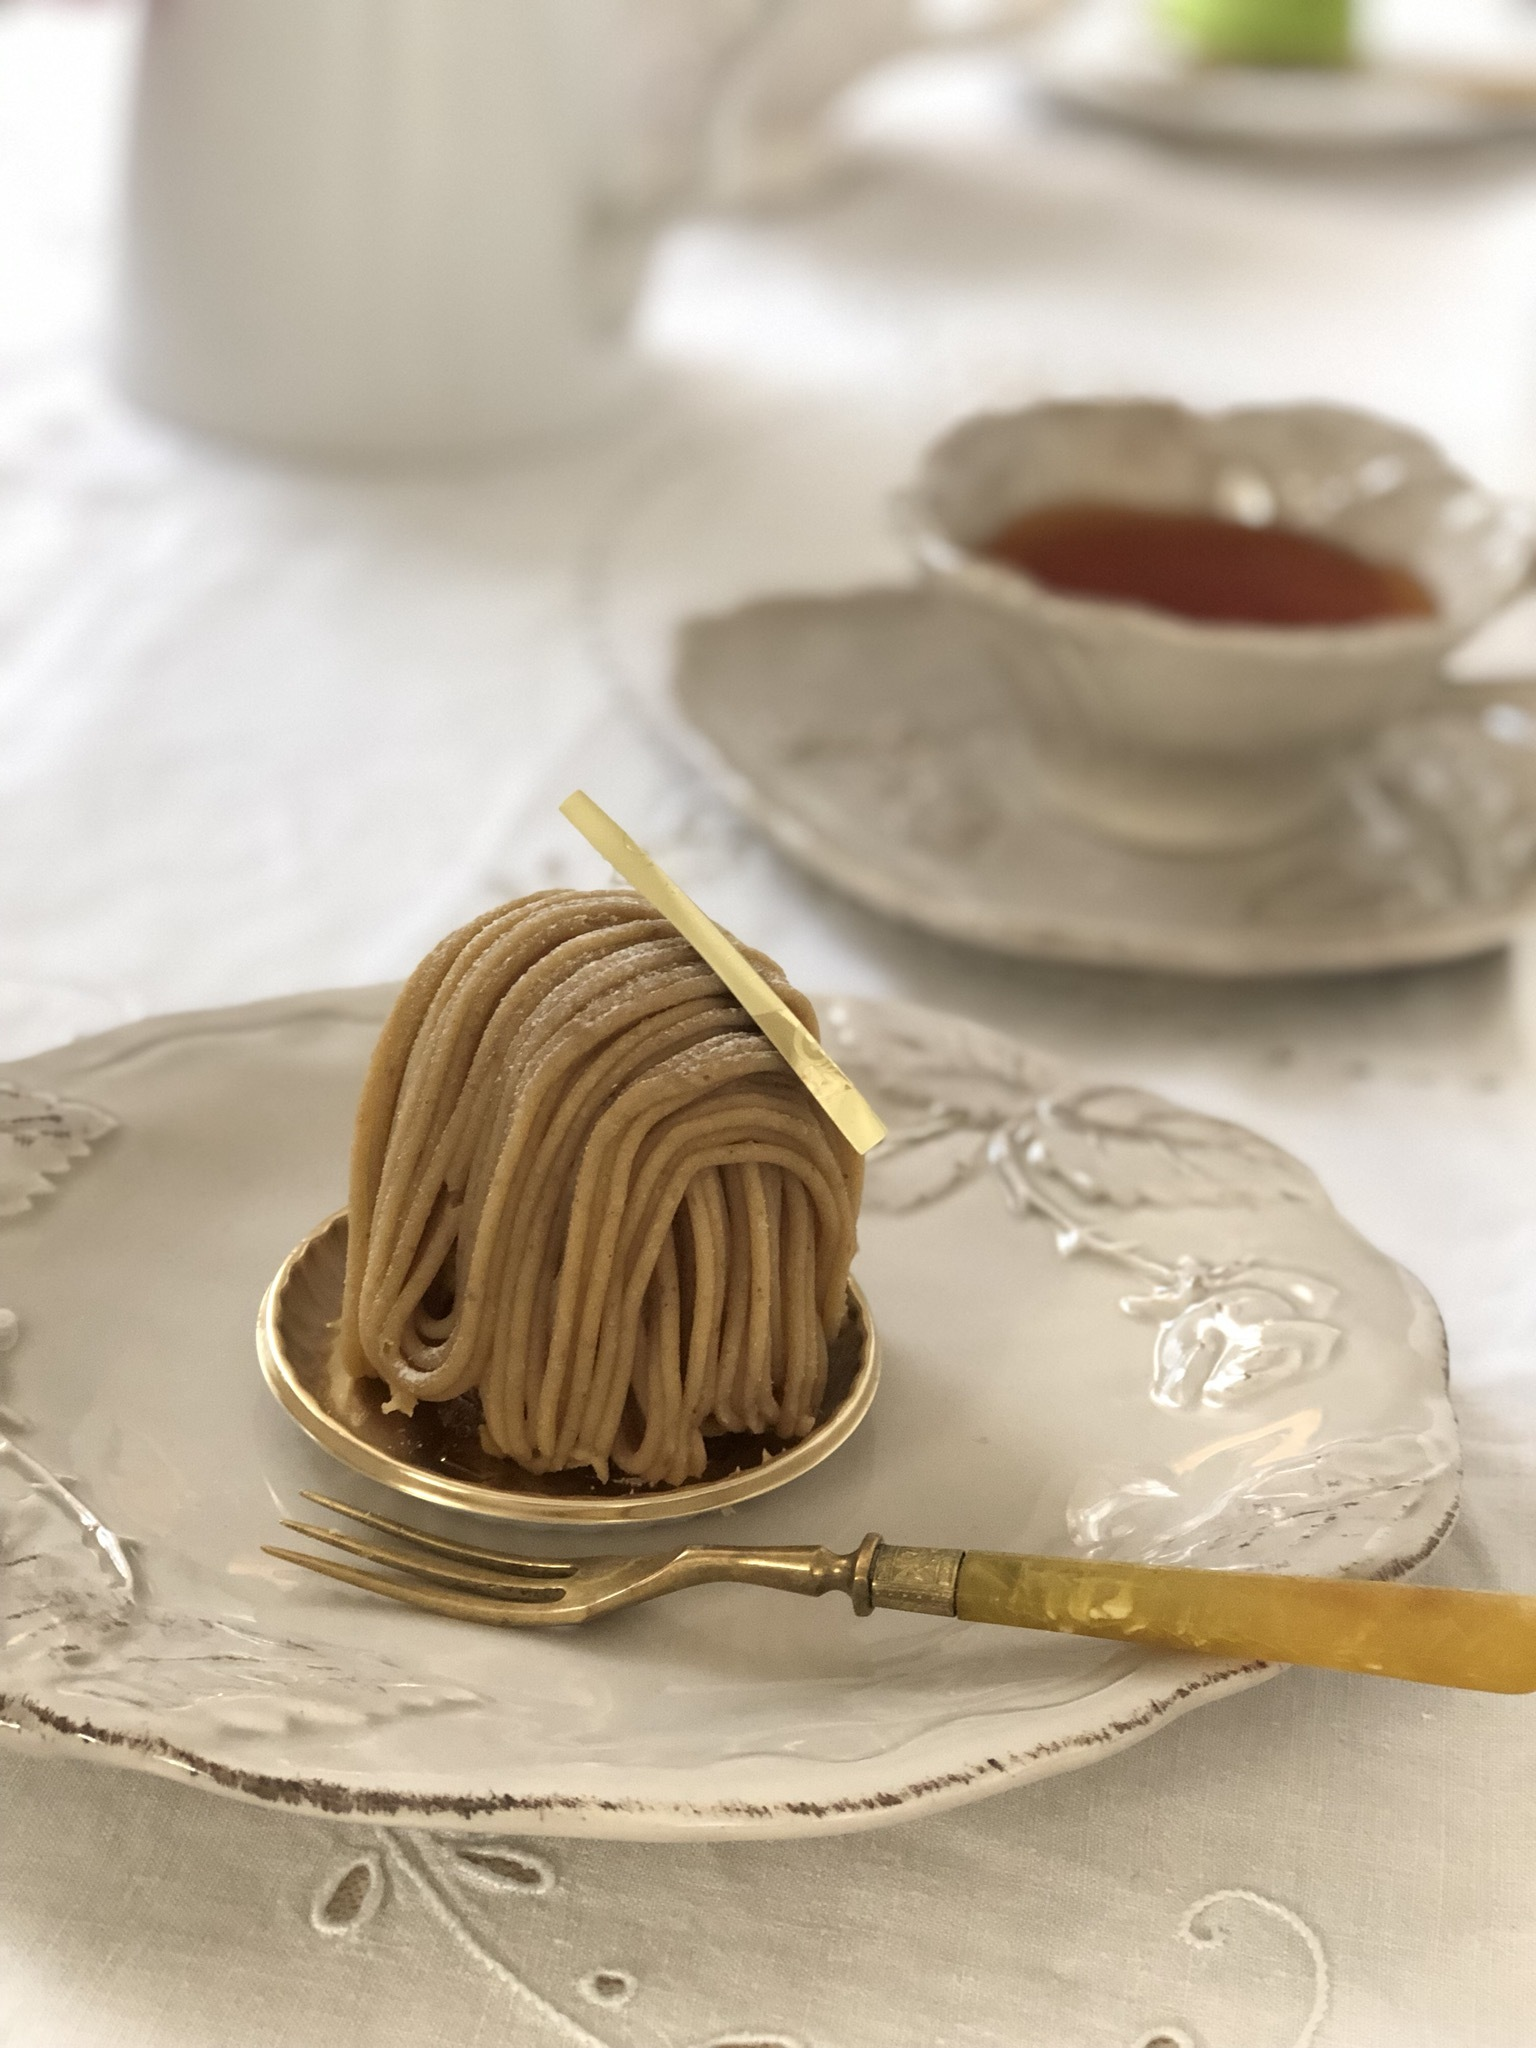 大好きなショコラショップのケーキ@渋谷ヒカリエ_a0157409_06312480.jpeg